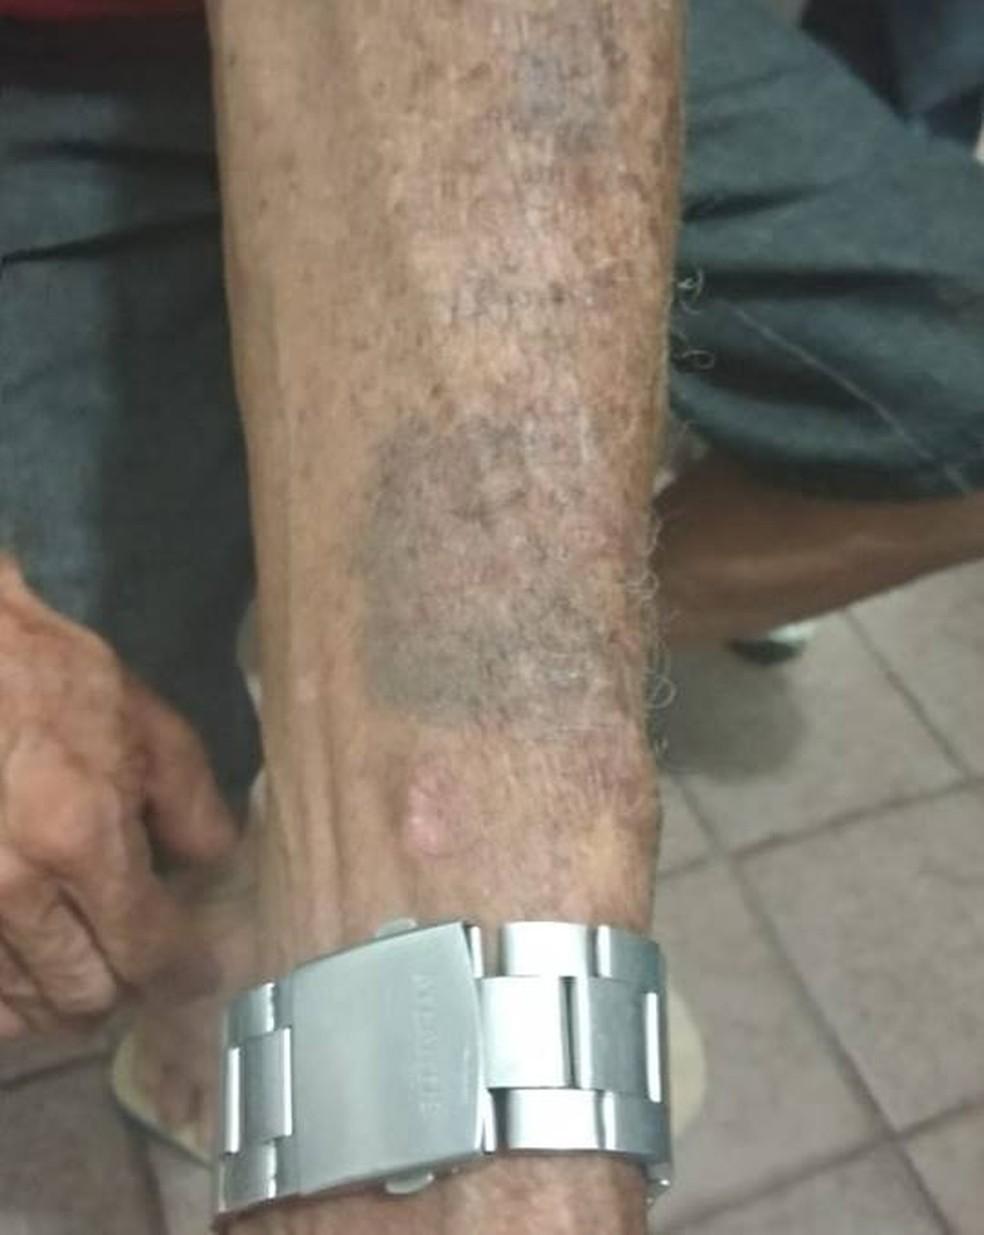 Grupo é preso suspeito de agredir e assaltar idoso em Ingá, na PB — Foto: Polícia Civil/Divulgação